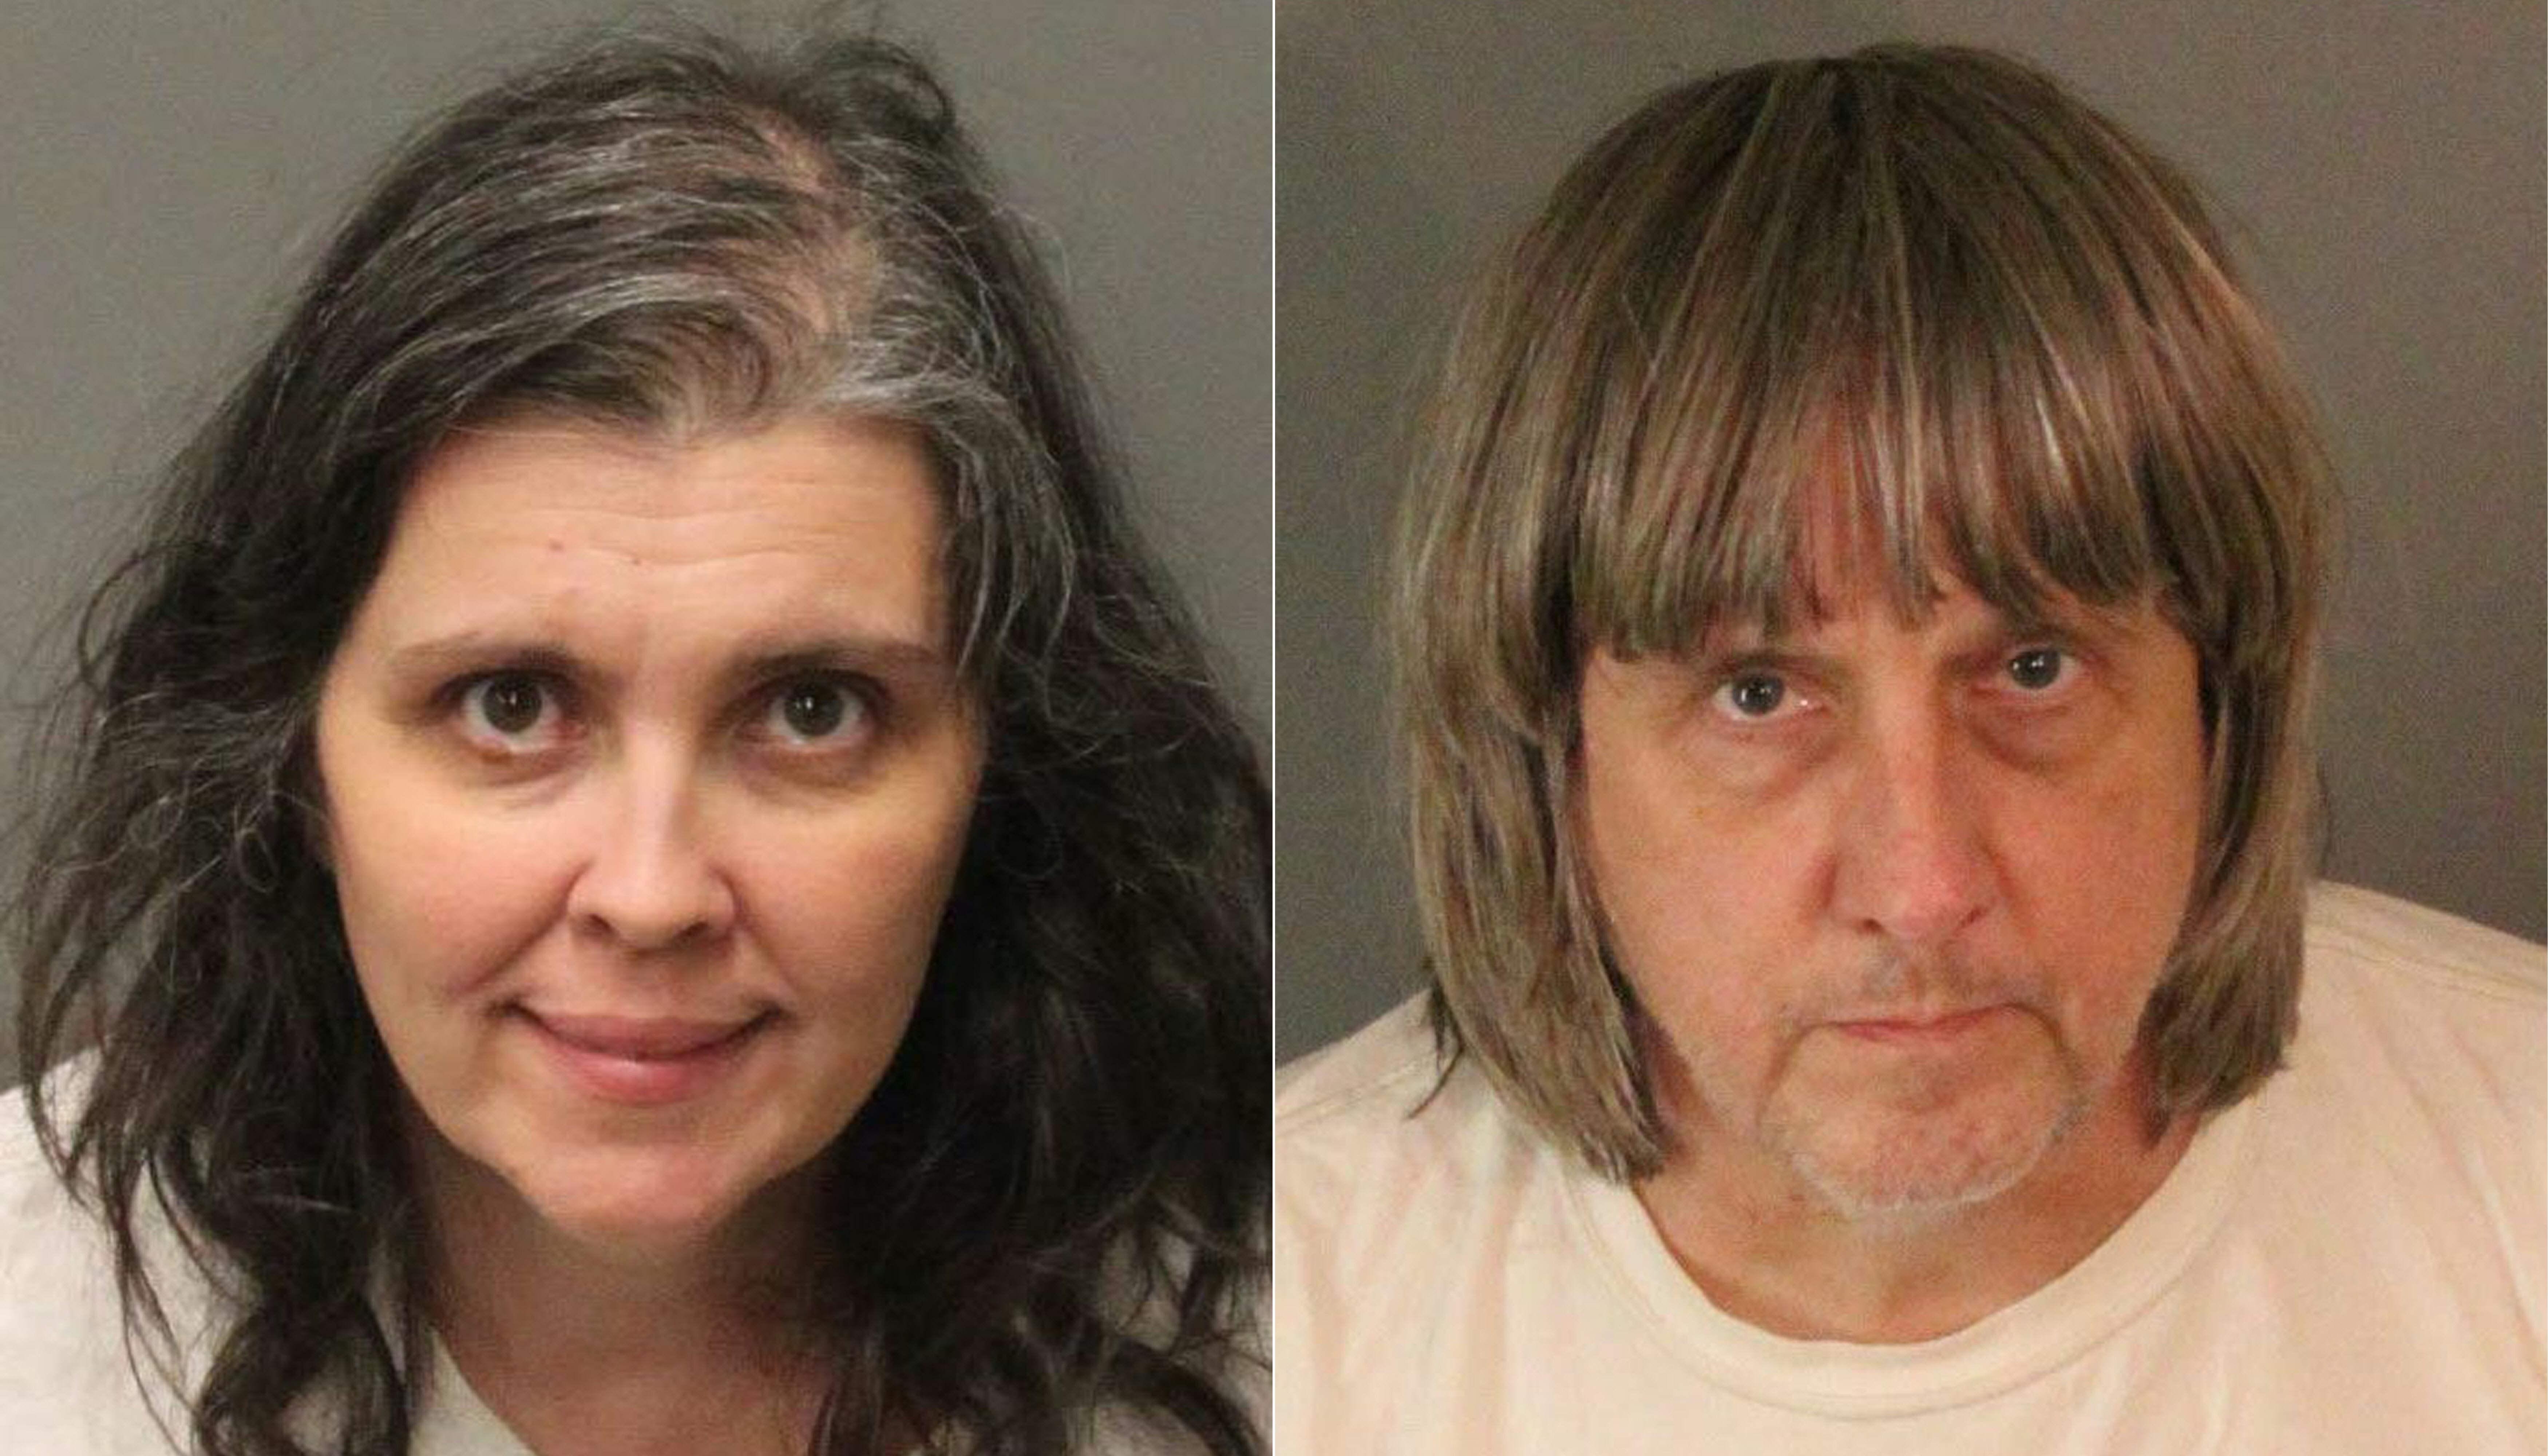 """La pareja de California fue encarcelada por al menos 25 años el viernes 19 de abril de 2019 luego de haber encarcelado y torturado a 12 de sus 13 hijos en un caso espeluznante de la """"Casa de los Horrores"""" que conmocionó al mundo. (Foto Prensa Libre: AFP)"""